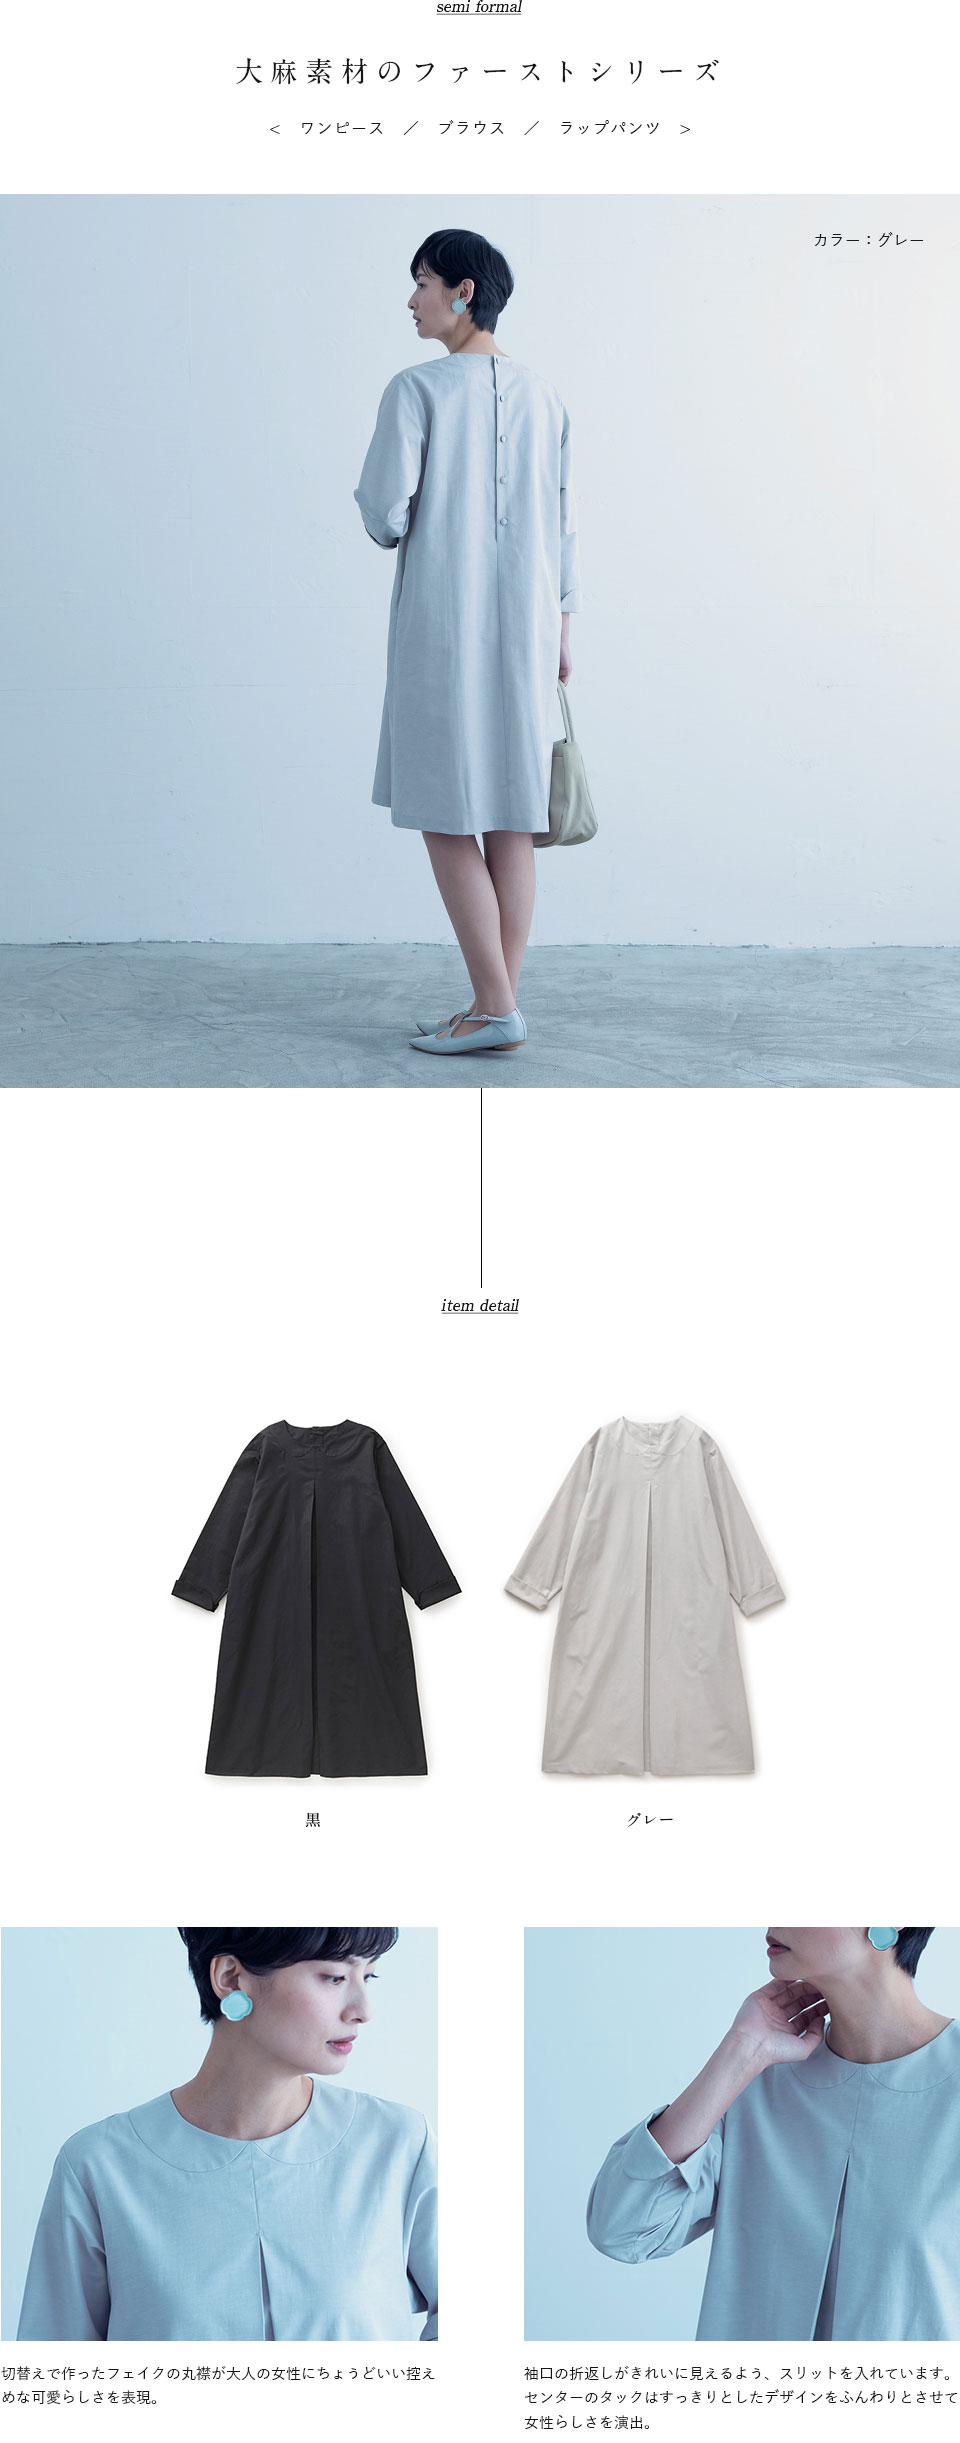 特別な日の服 セミフォーマル